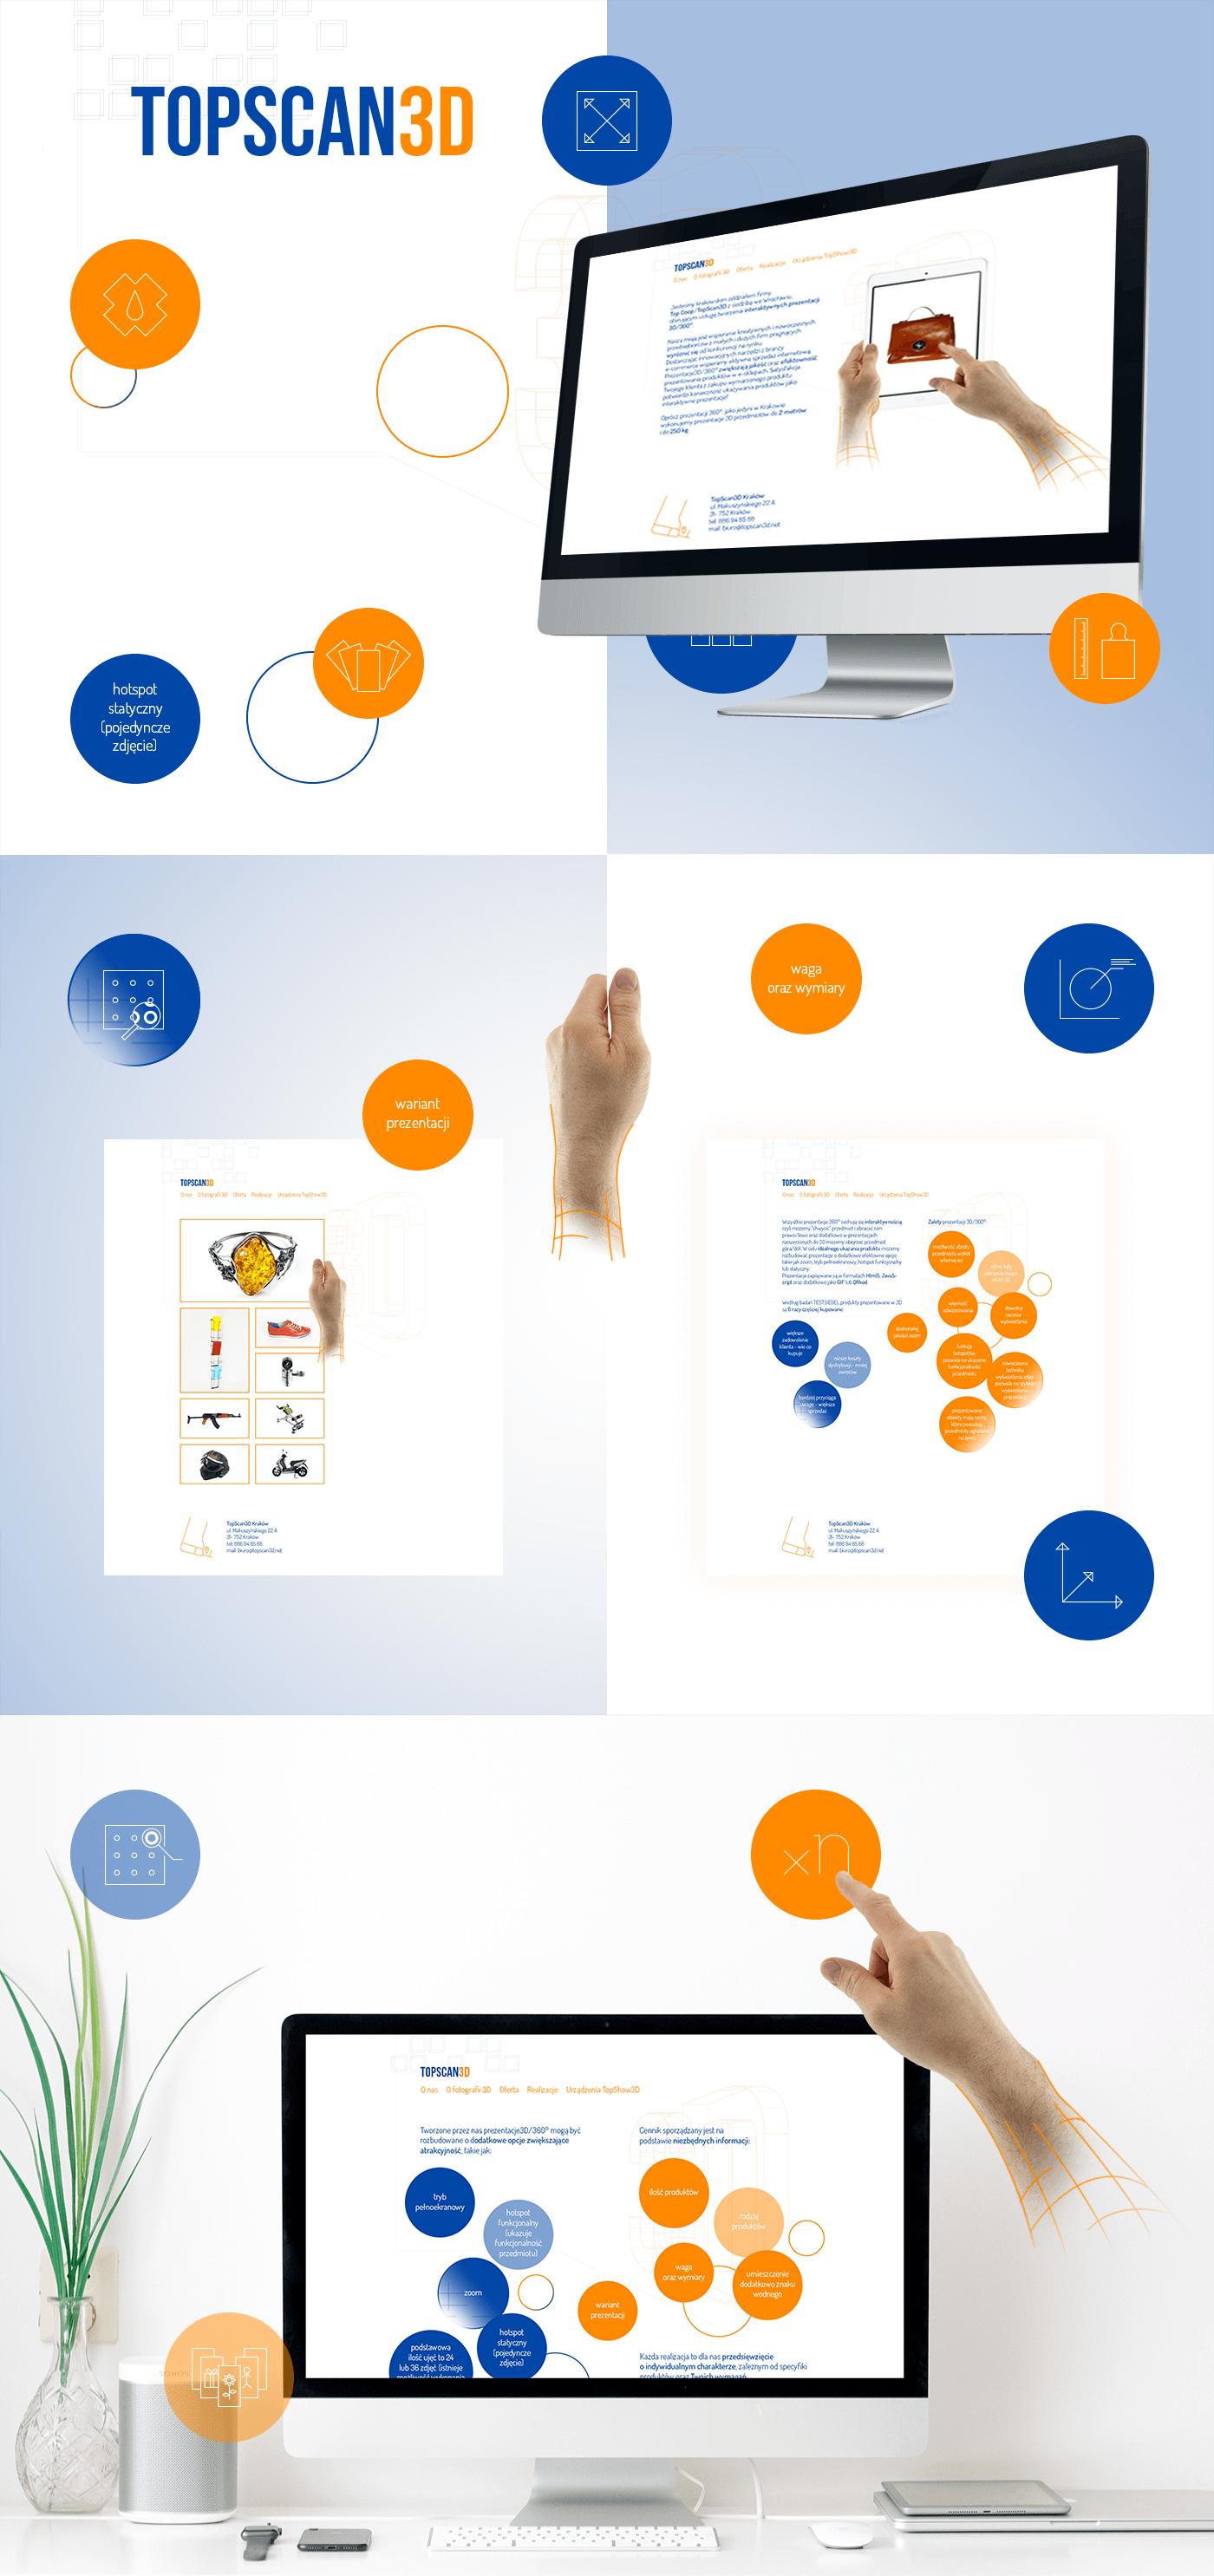 www design site design UI/UX ux UI site